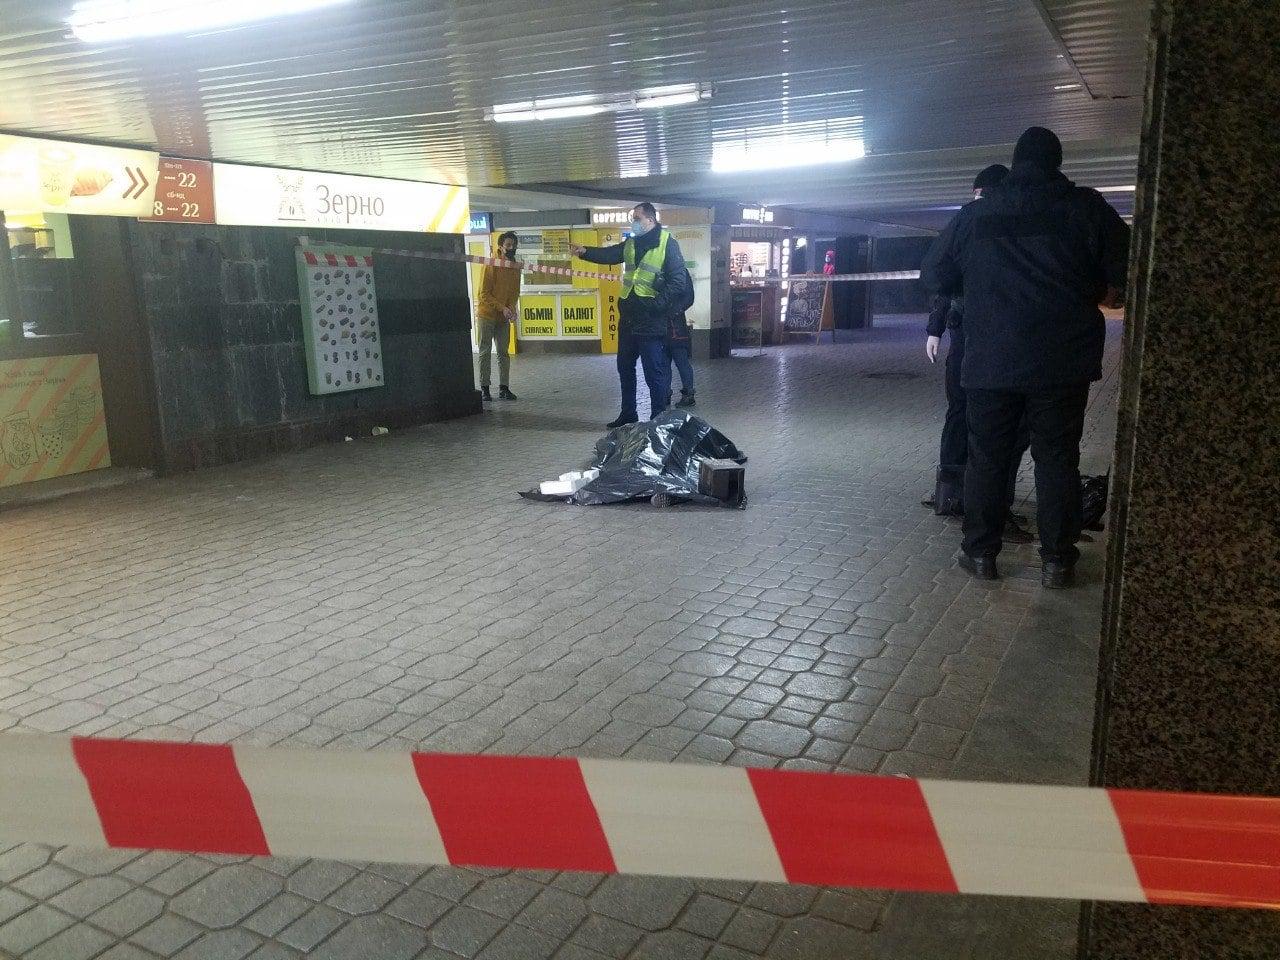 В Центрі Києва вбили людину - Поліція, вбивство - 131692738 4057250884286243 544548771983327679 o